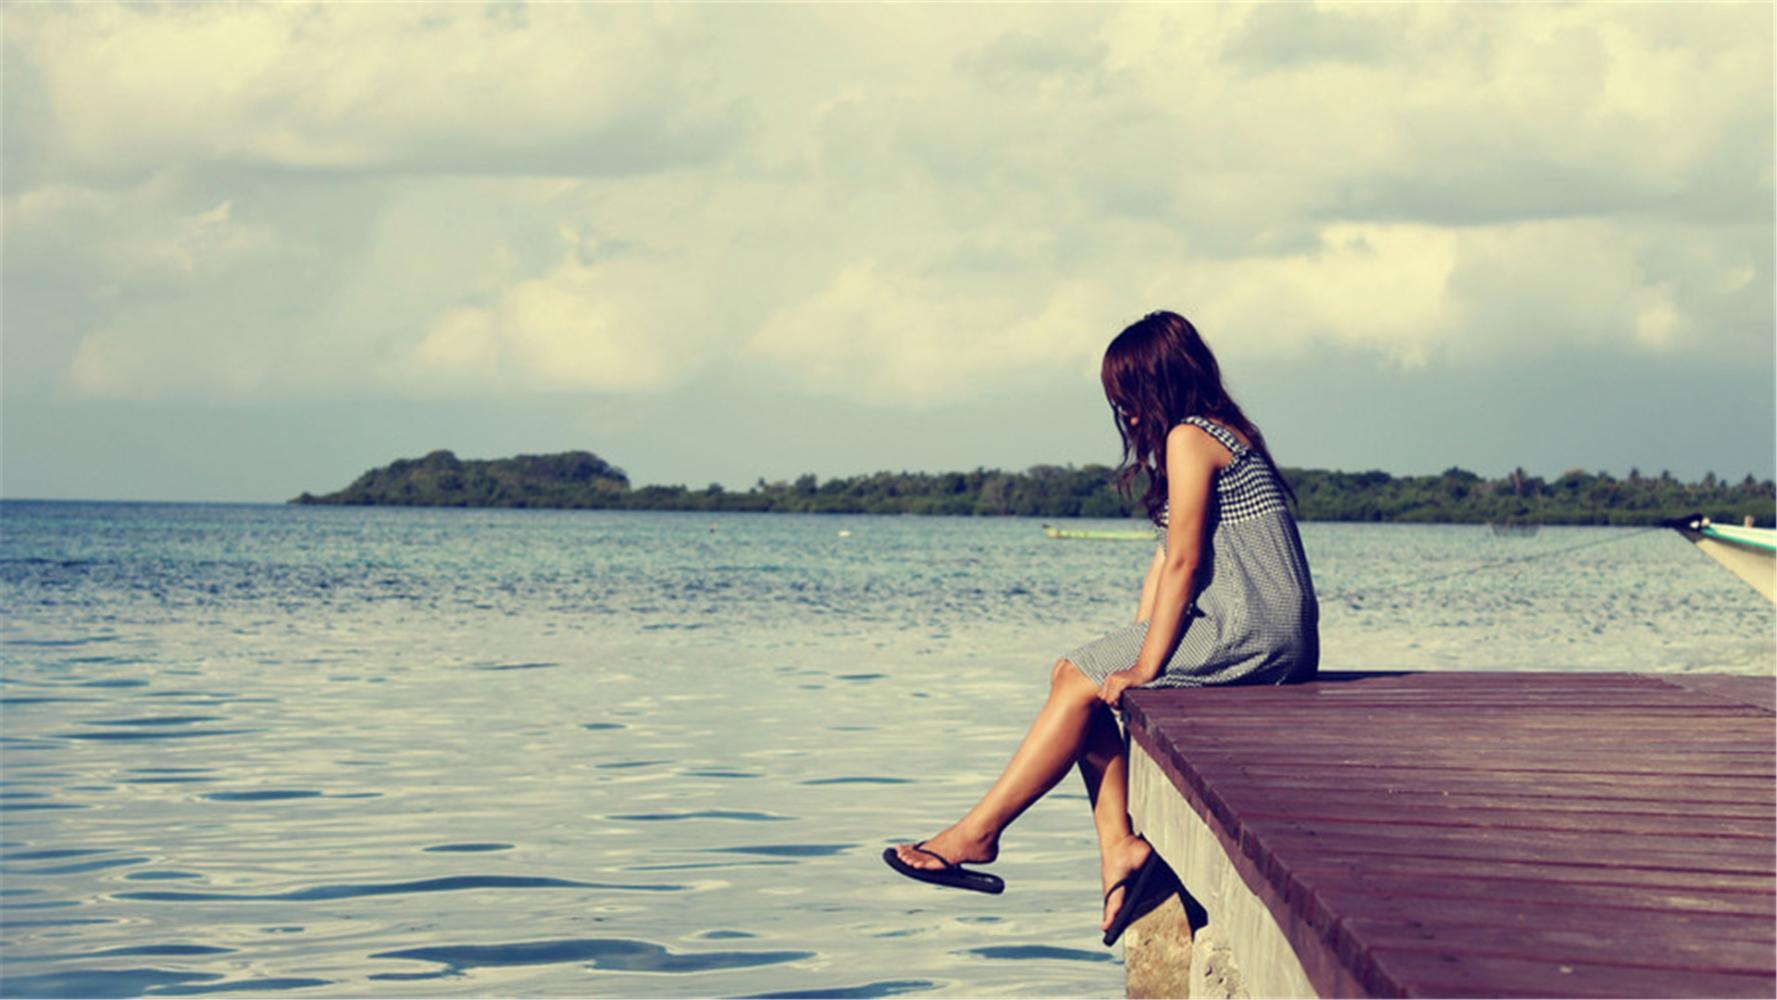 越爱你的人, 分手时越绝情, 可很多人都不懂